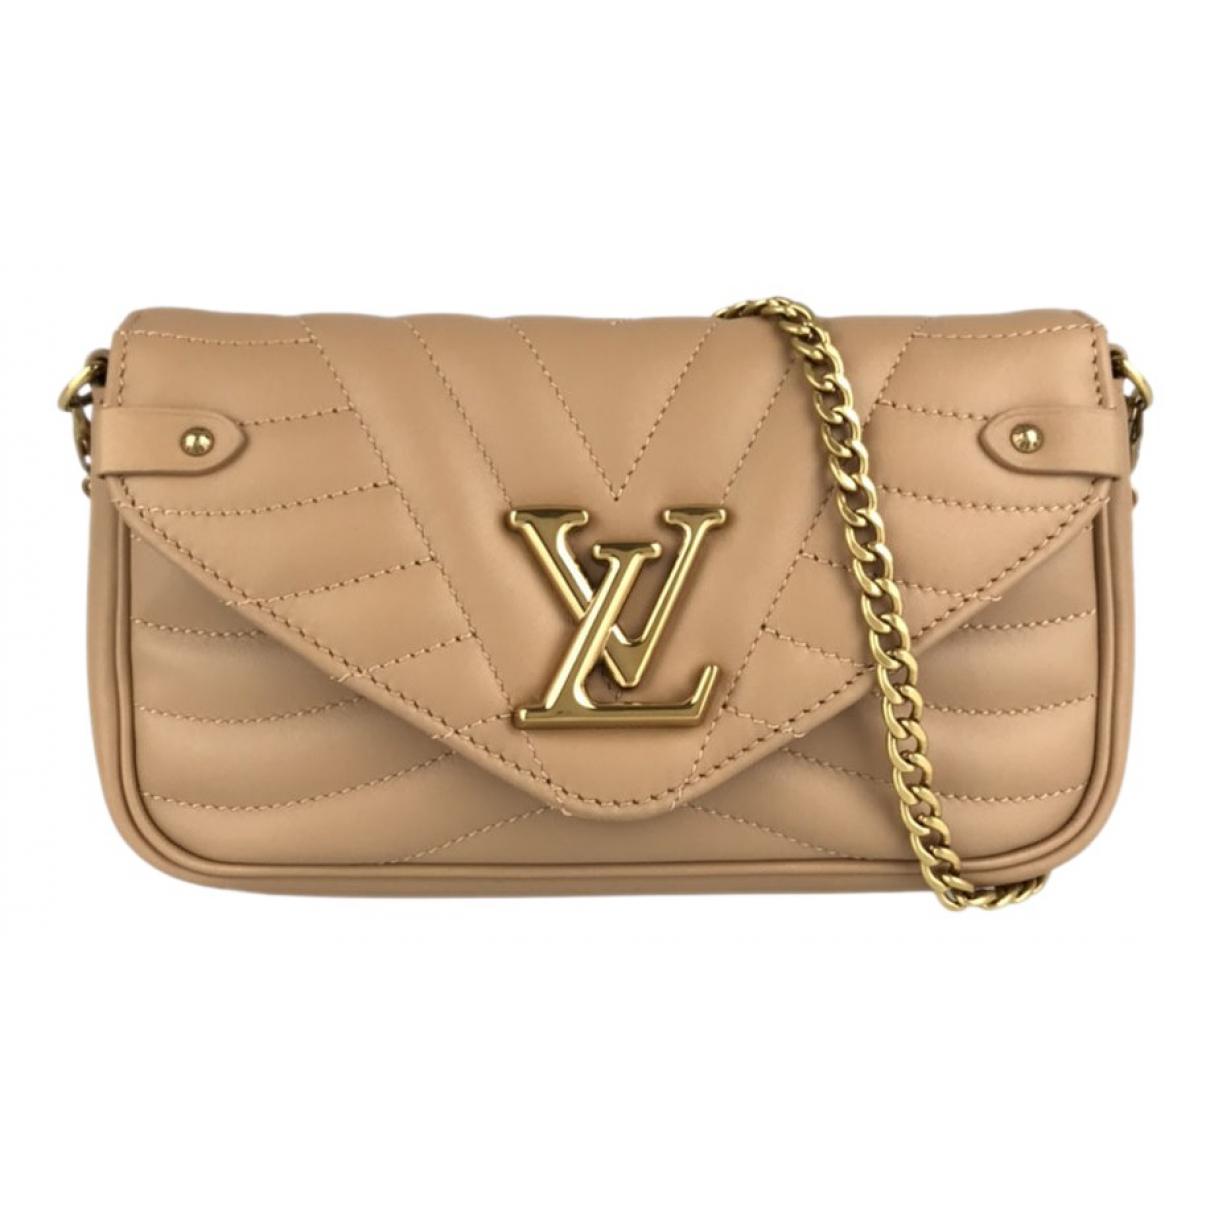 Louis Vuitton - Sac a main New Wave pour femme en cuir - beige